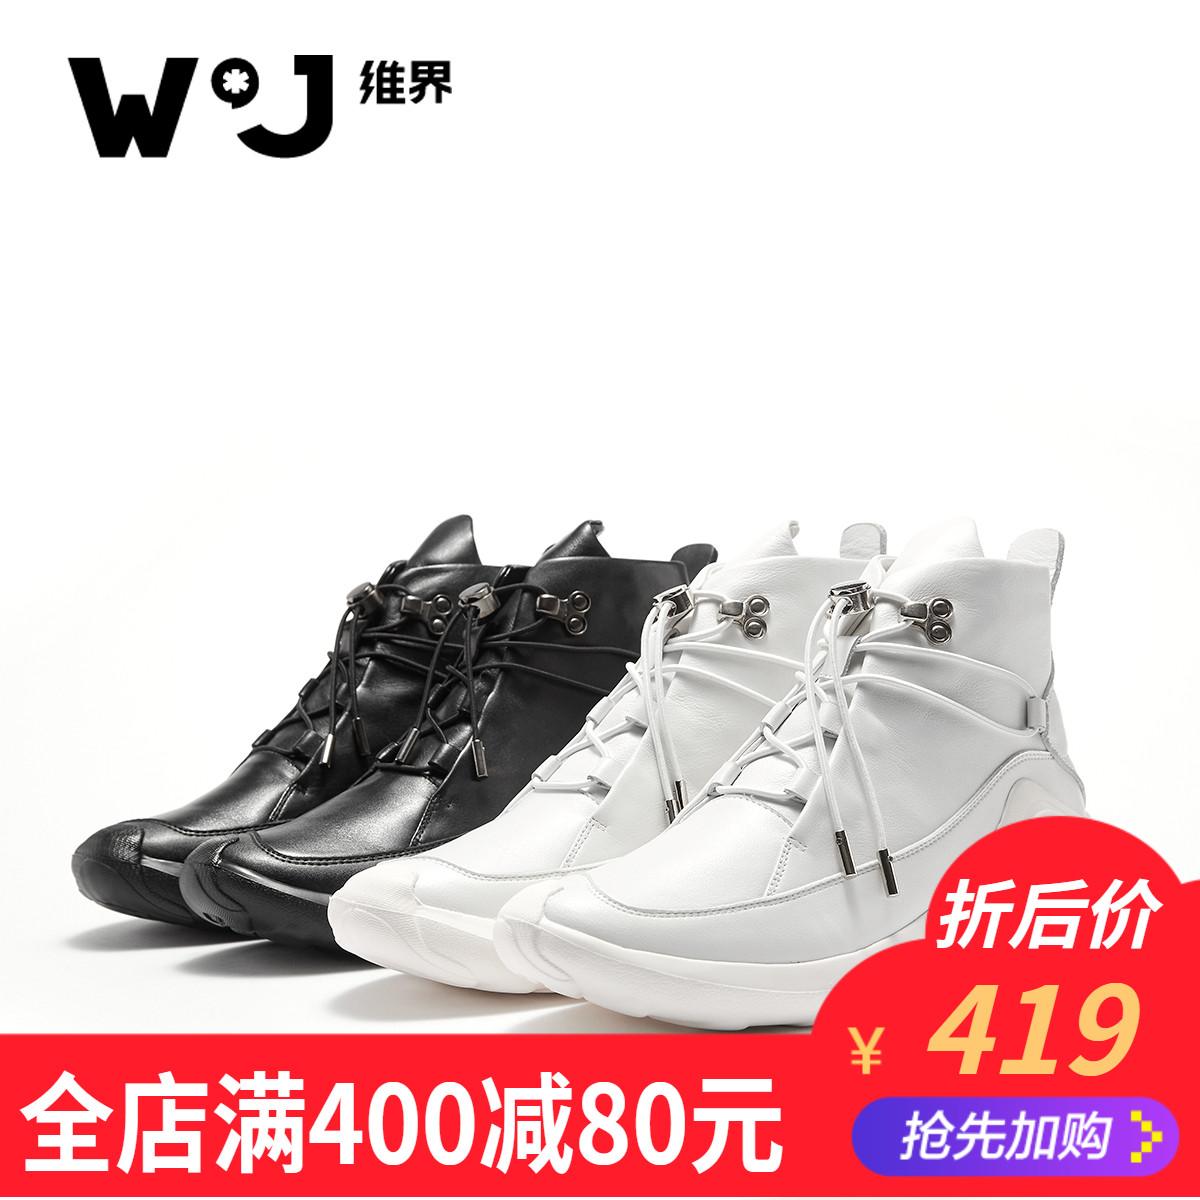 维界高帮鞋韩版潮流时尚休闲鞋个性百搭高帮板鞋男鞋白色马丁靴男